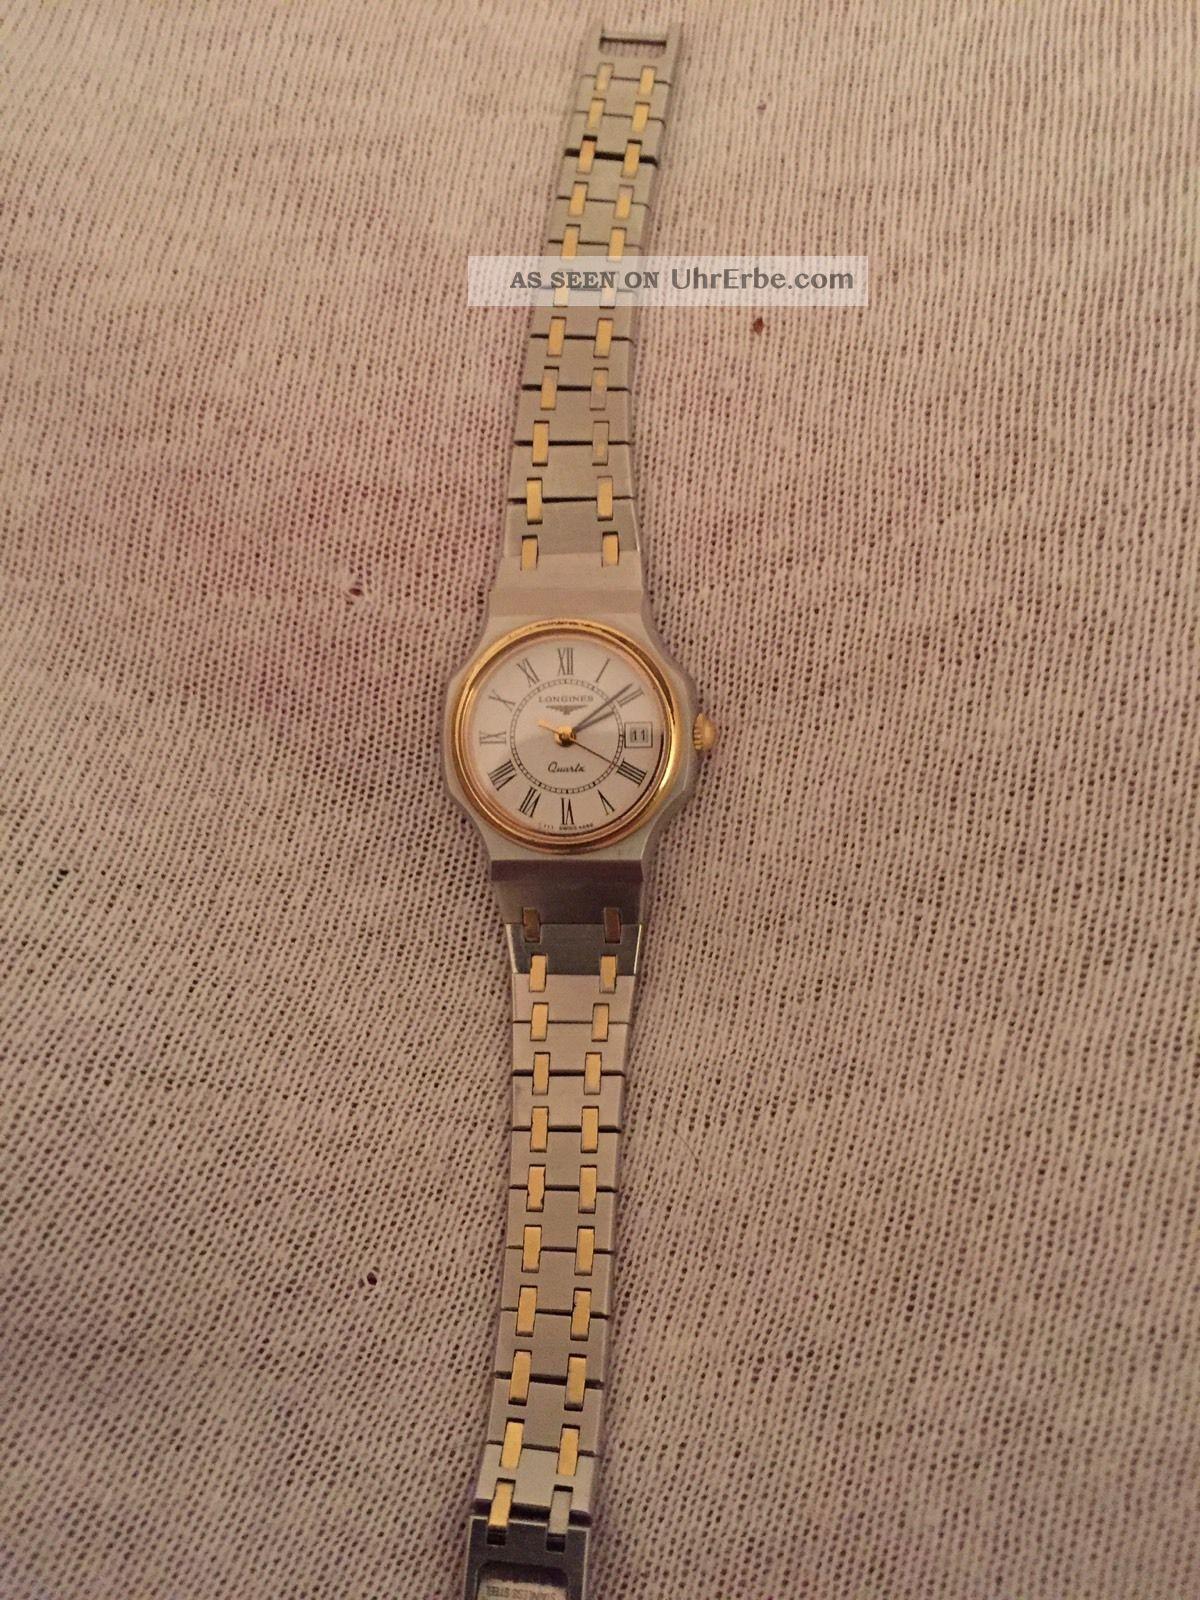 Longines Damenuhr Armbanduhren Bild